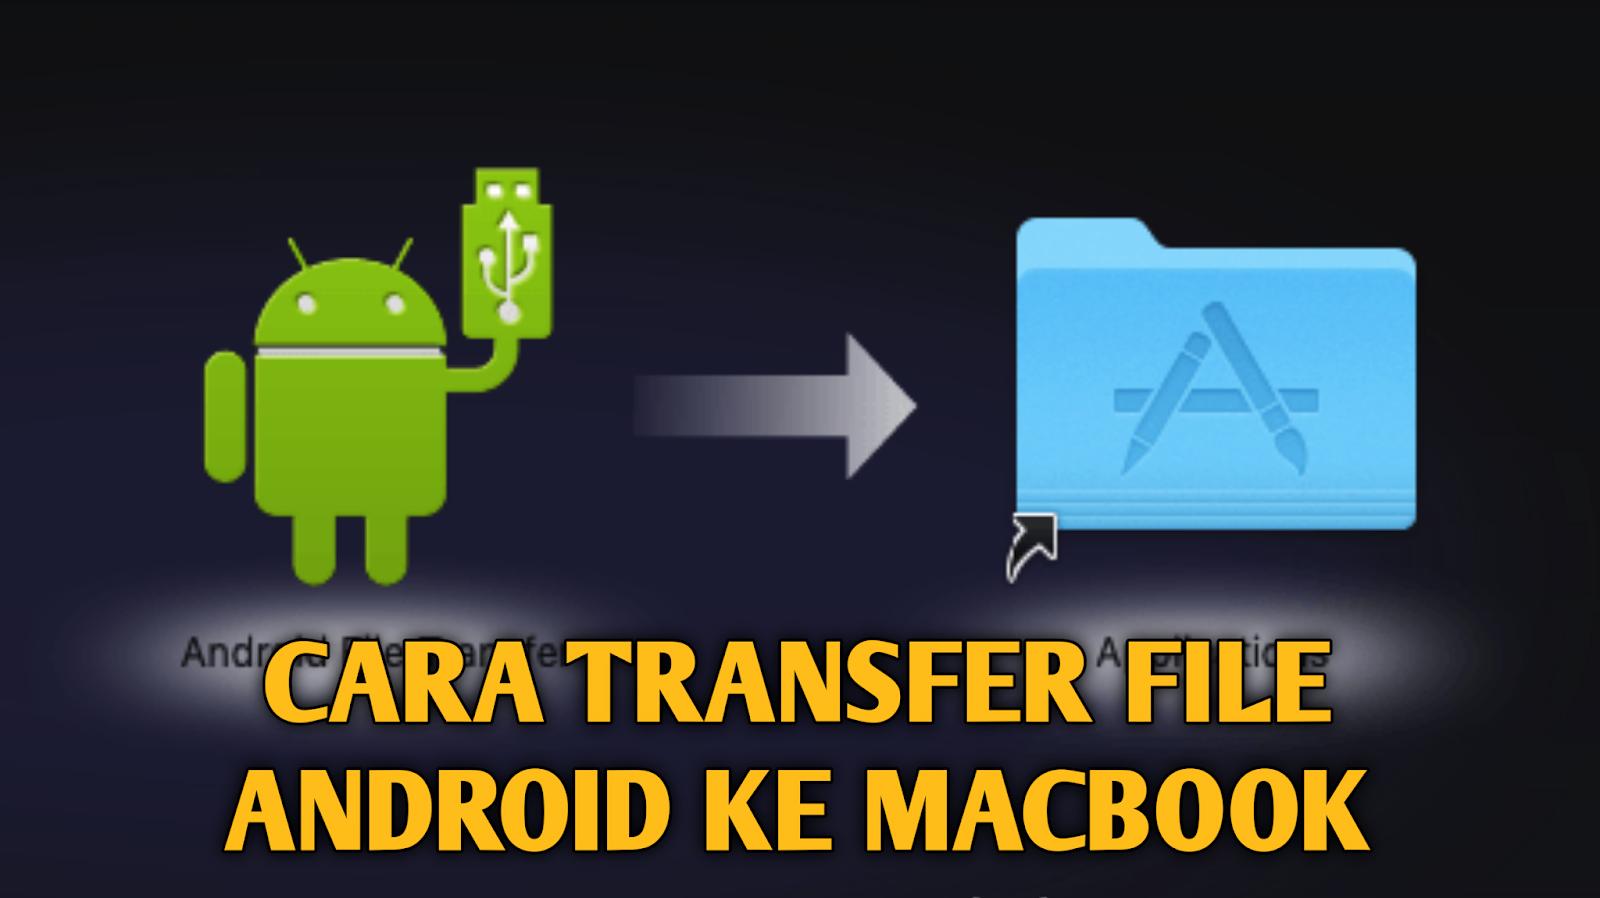 cara-transfer-file-android-ke-macbook